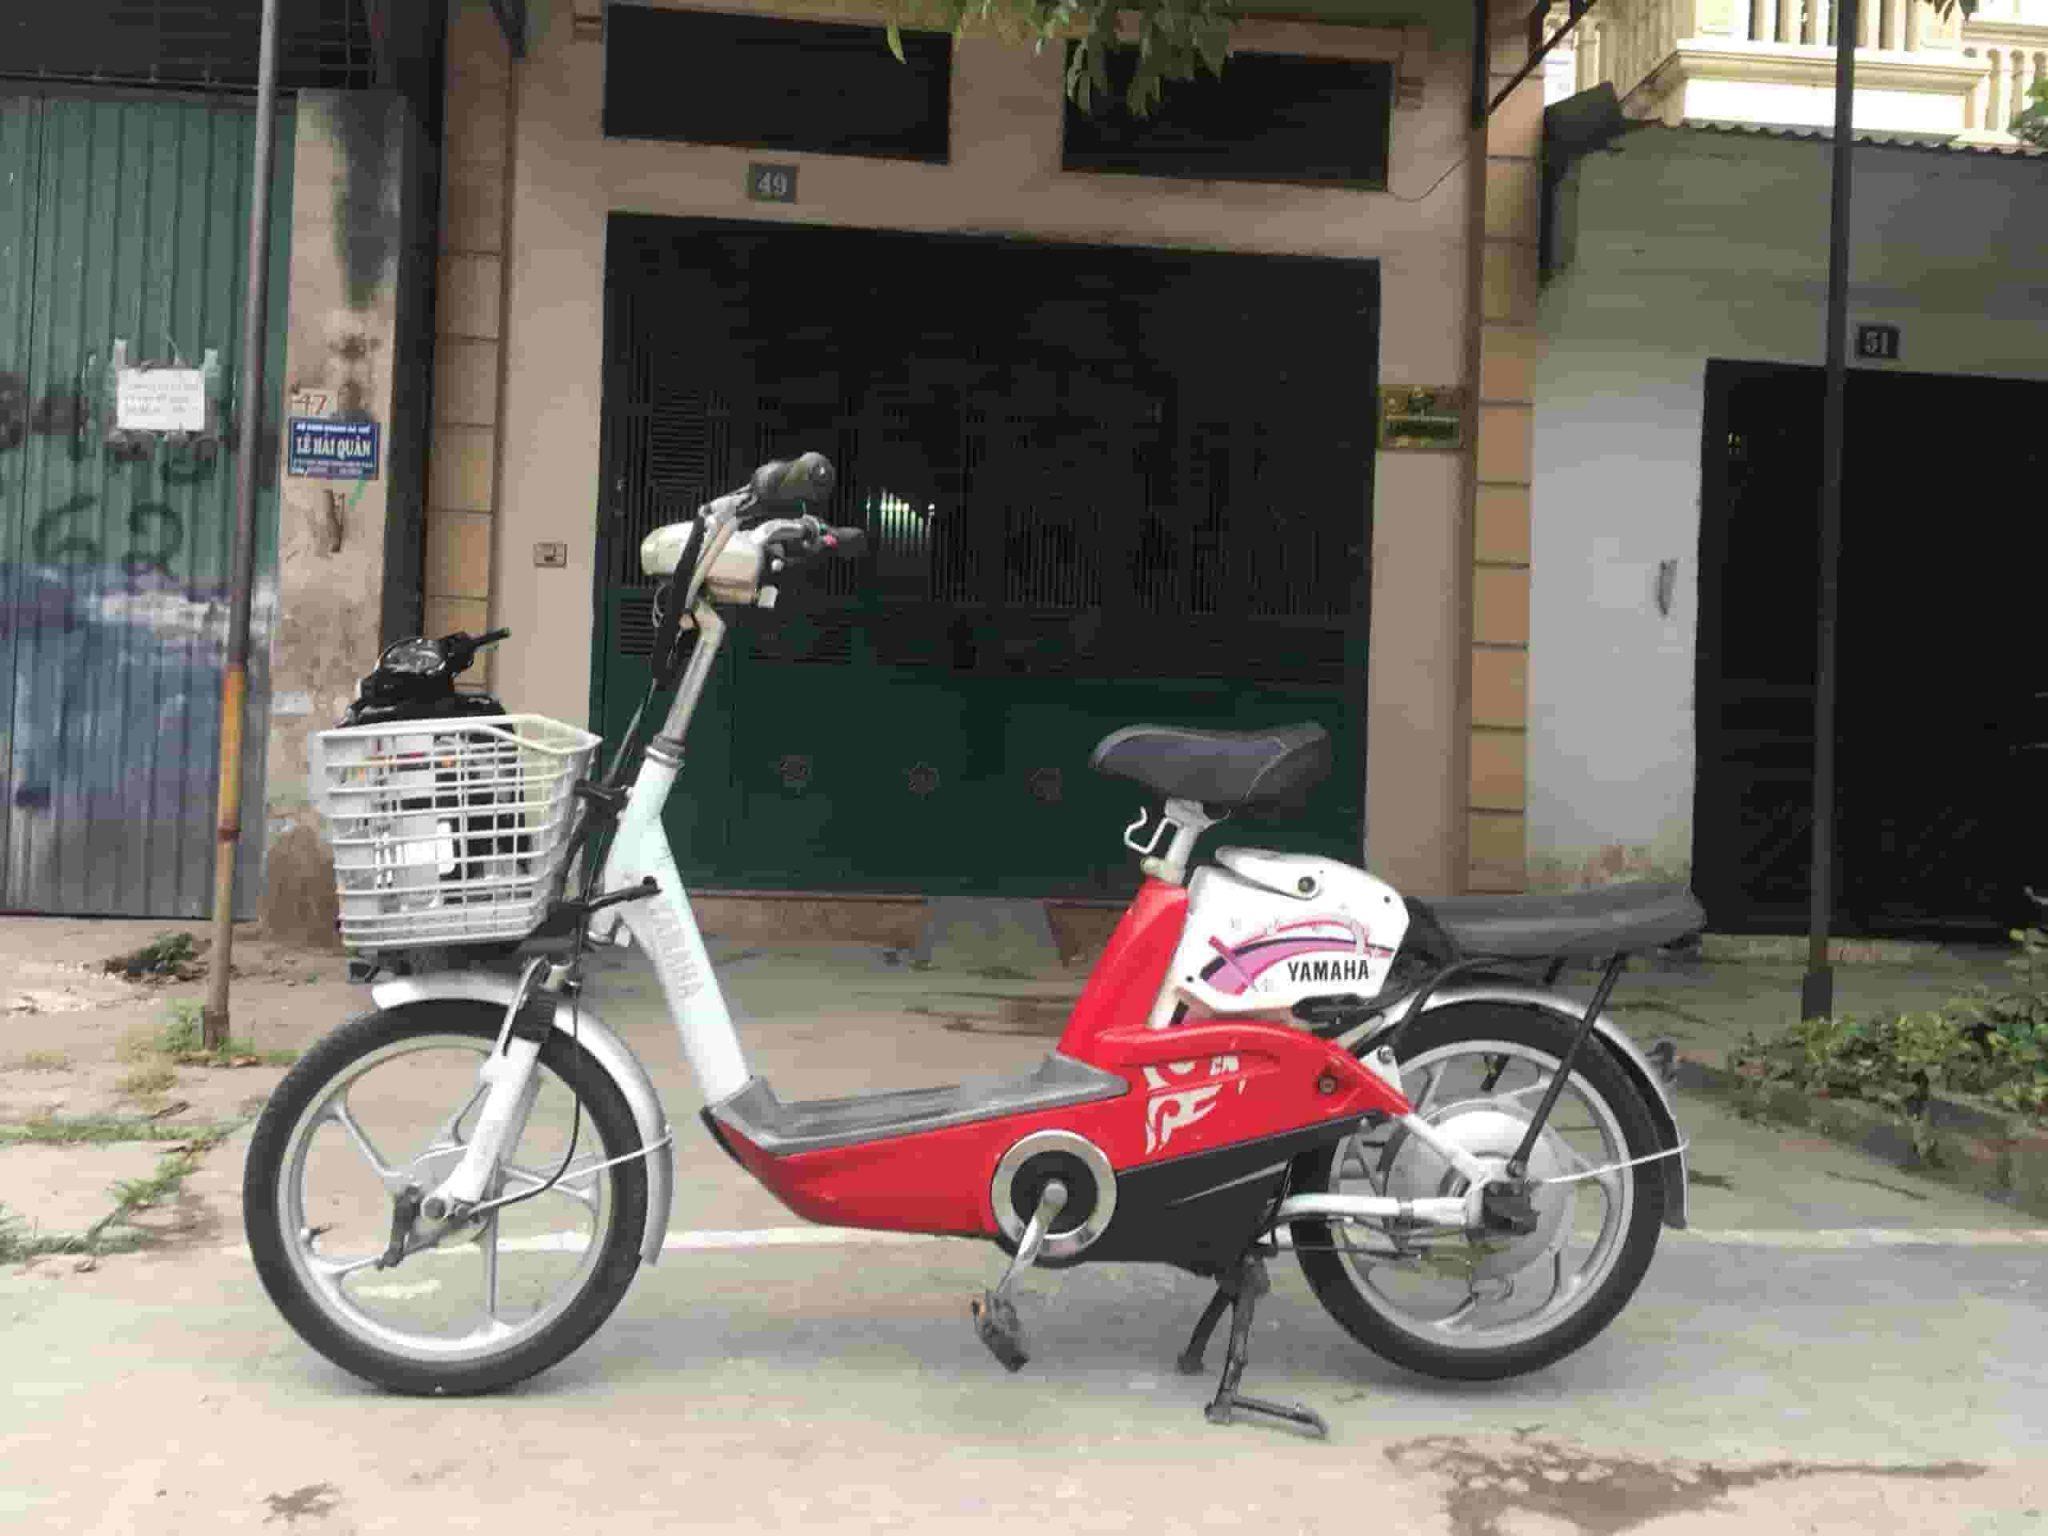 xe đạp điện cũ Phúc Xa - Ba Đình - Hà Nội